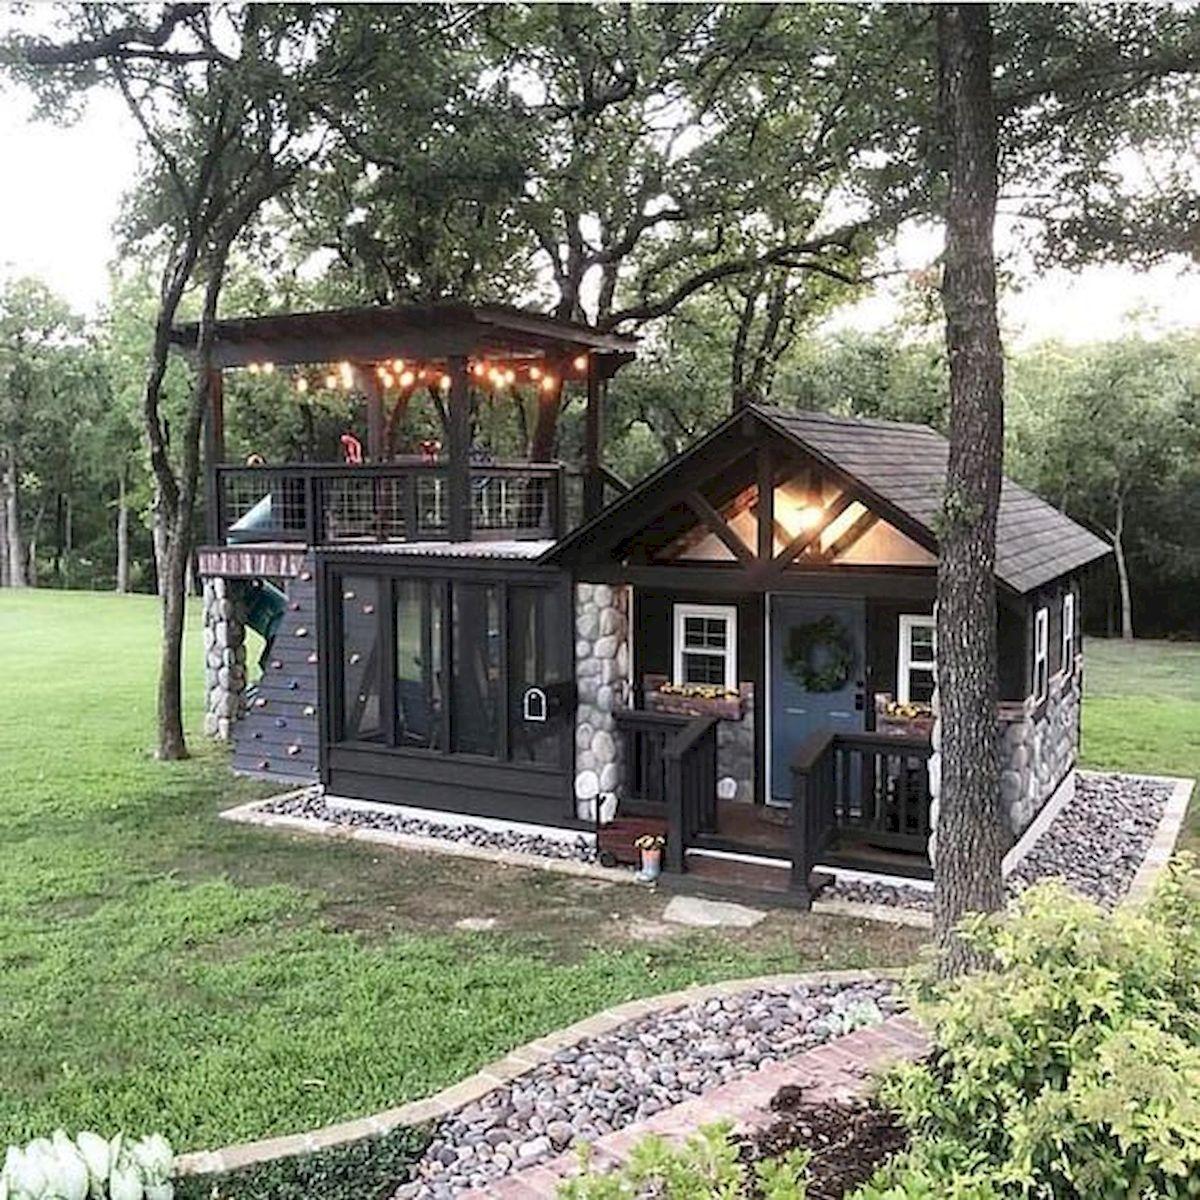 Nice 75 Great Log Cabin Homes Plans Design Ideas Https Livingmarch Com 75 Great Log Cabin Homes Plans Design Small Dream Homes Tiny Cabins Tiny House Design